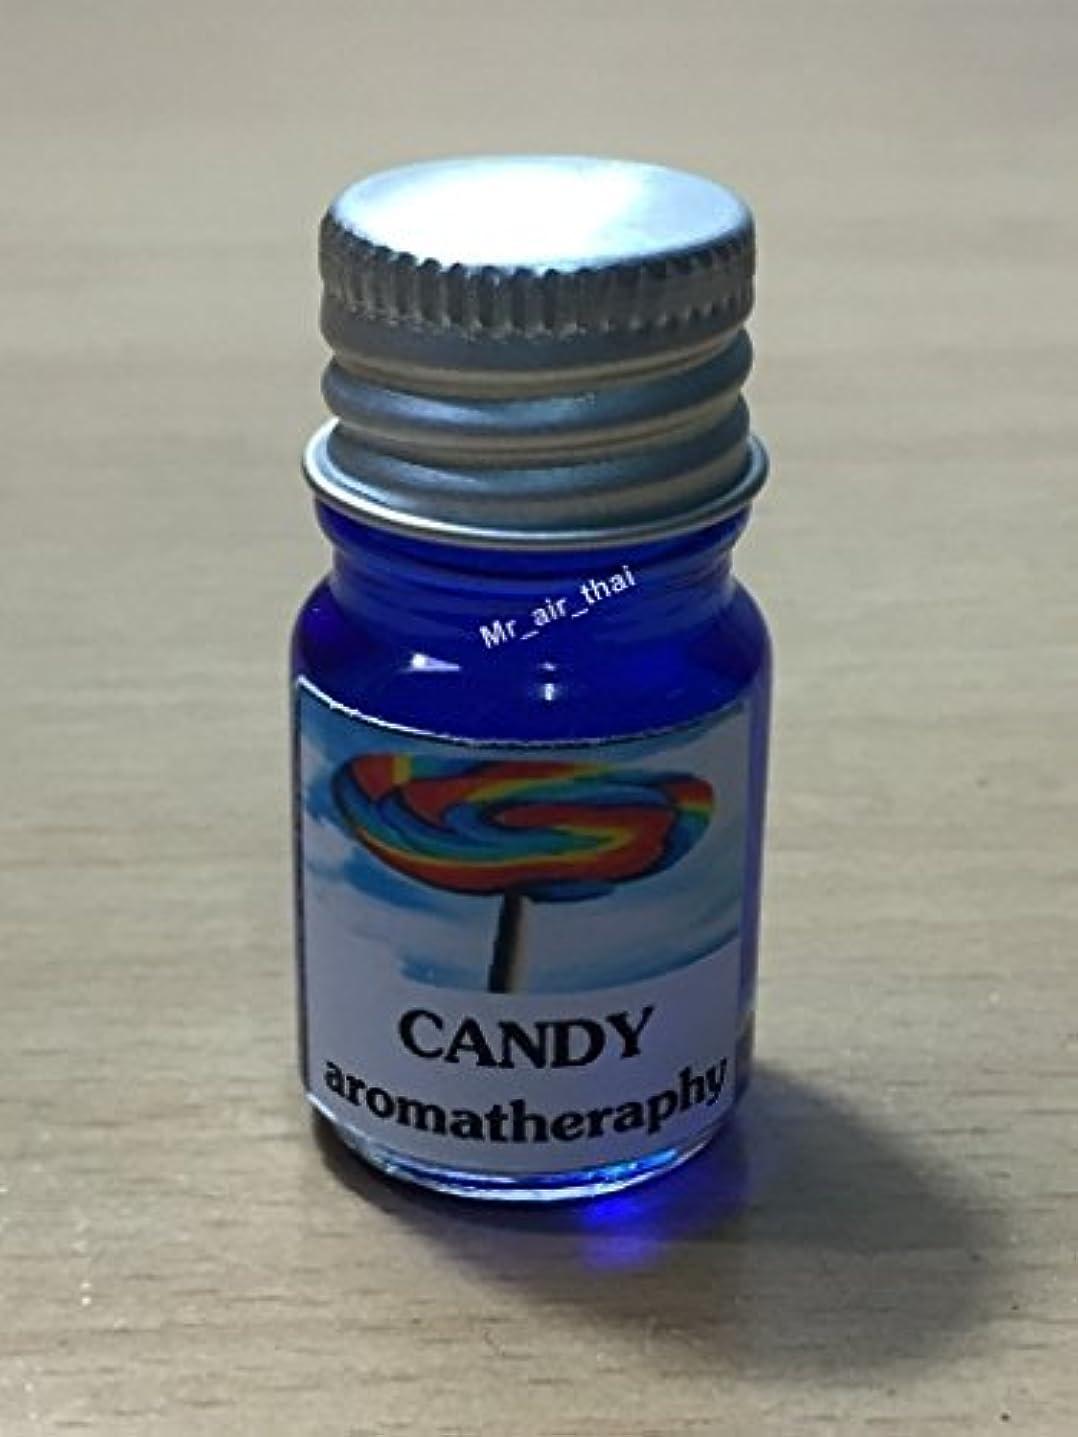 適合地下室なので5ミリリットルアロマキャンディーフランクインセンスエッセンシャルオイルボトルアロマテラピーオイル自然自然5ml Aroma Candy Frankincense Essential Oil Bottles Aromatherapy...